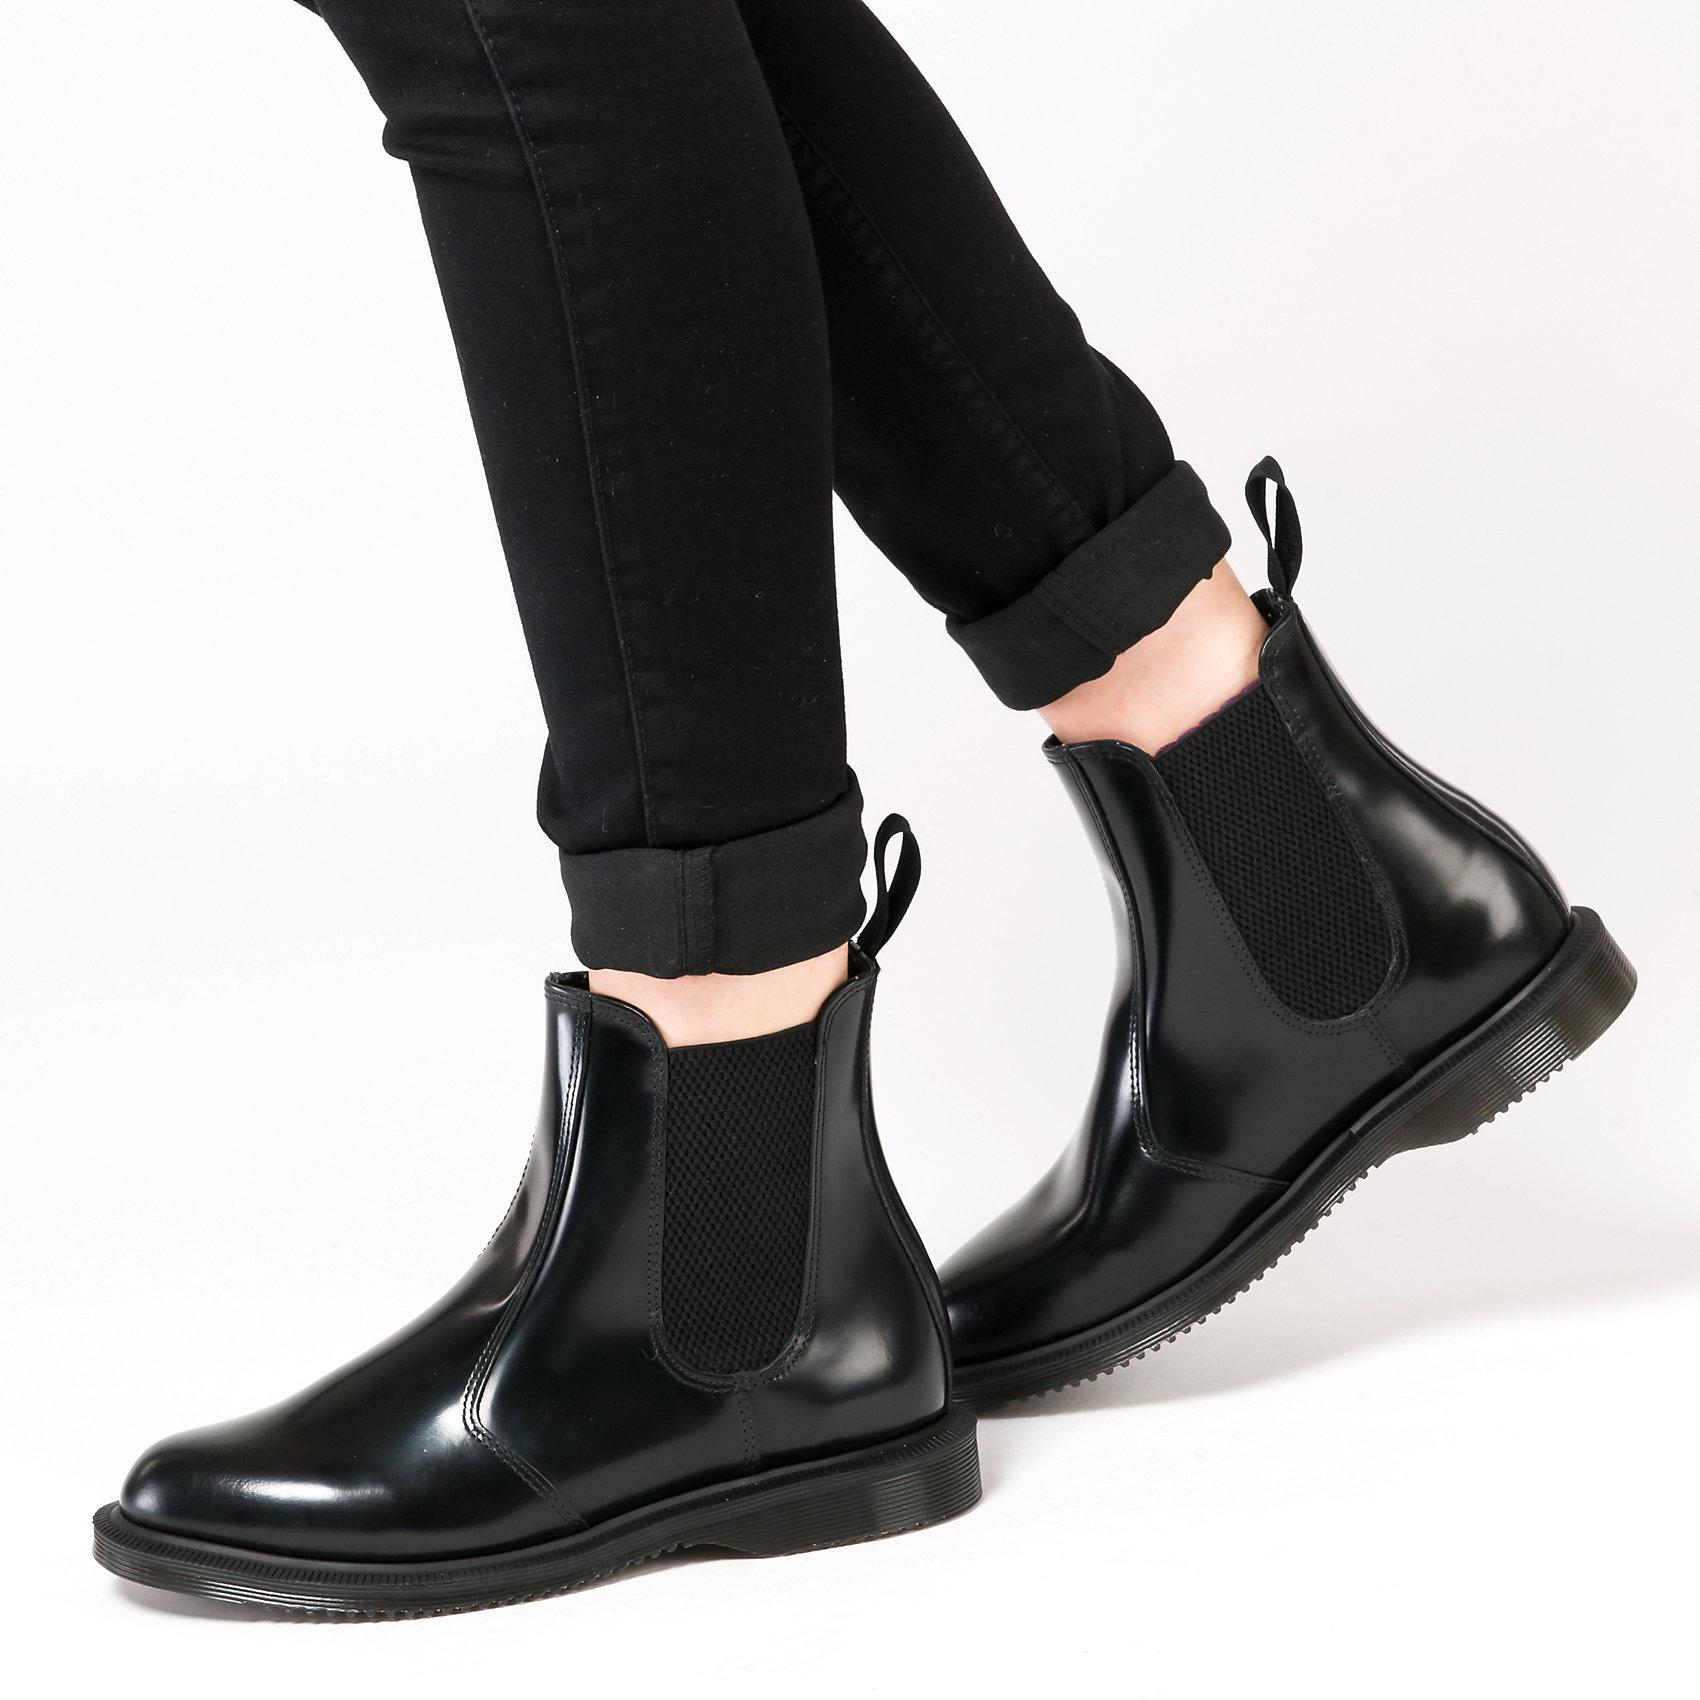 Neu Dr. Martens FLORA Polished Smooth BLACK Chelsea Stiefel 5738121 für für 5738121 Damen 5c57a2